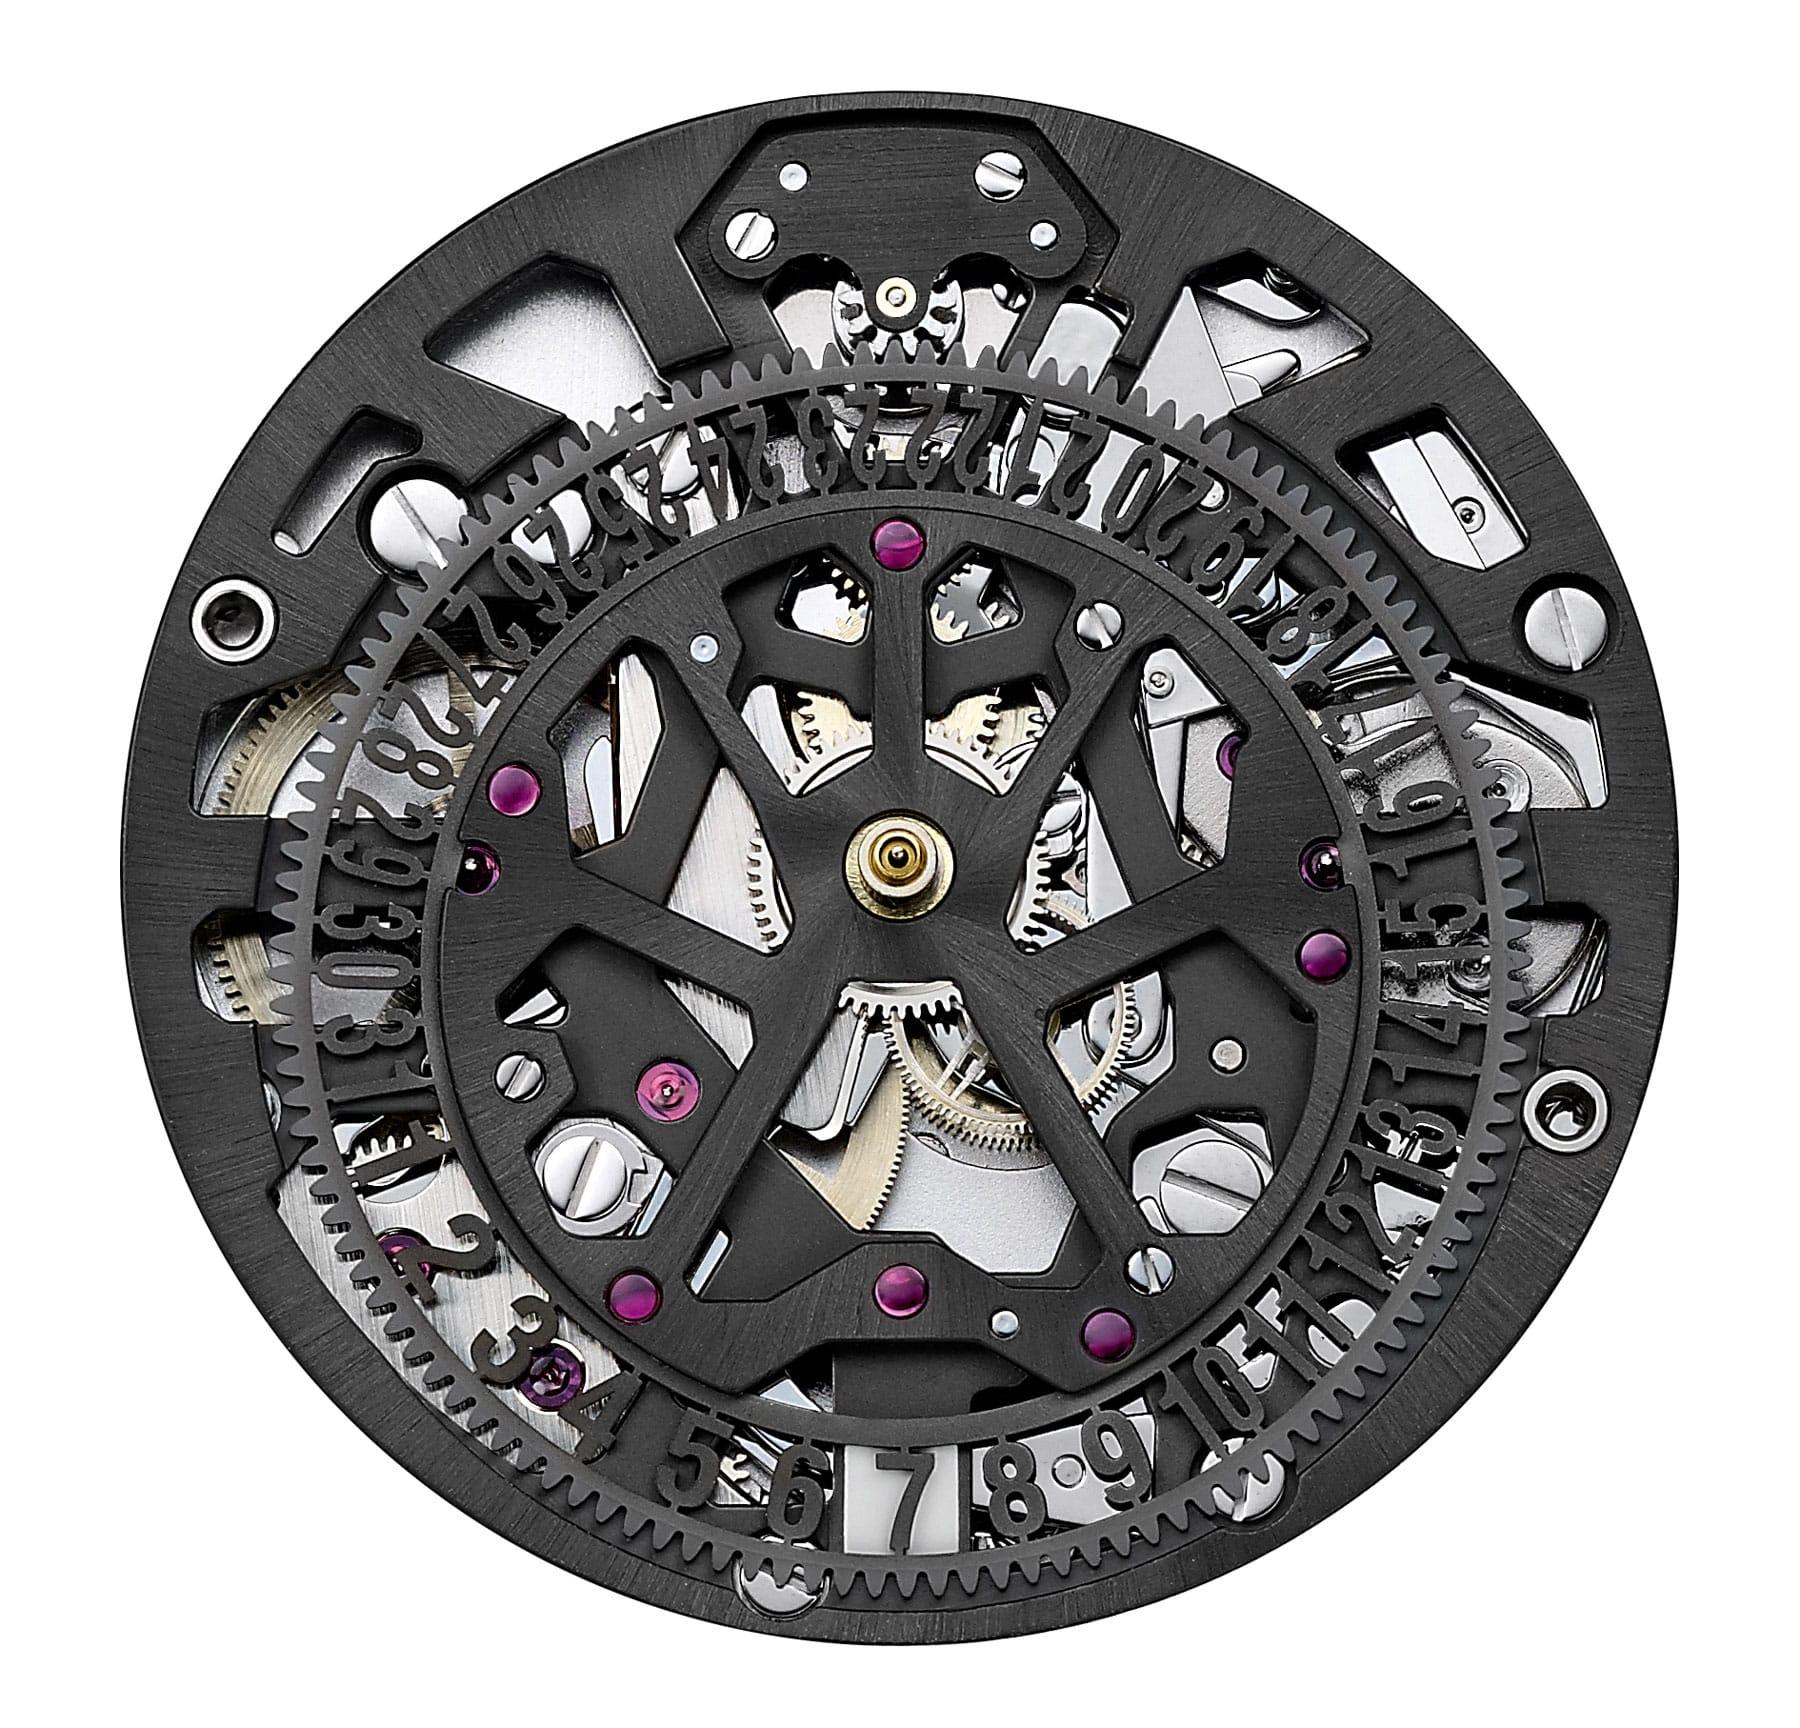 Het automatische chronograafkaliber HUB1155 doet dienst in de Amsterdamse Hublot